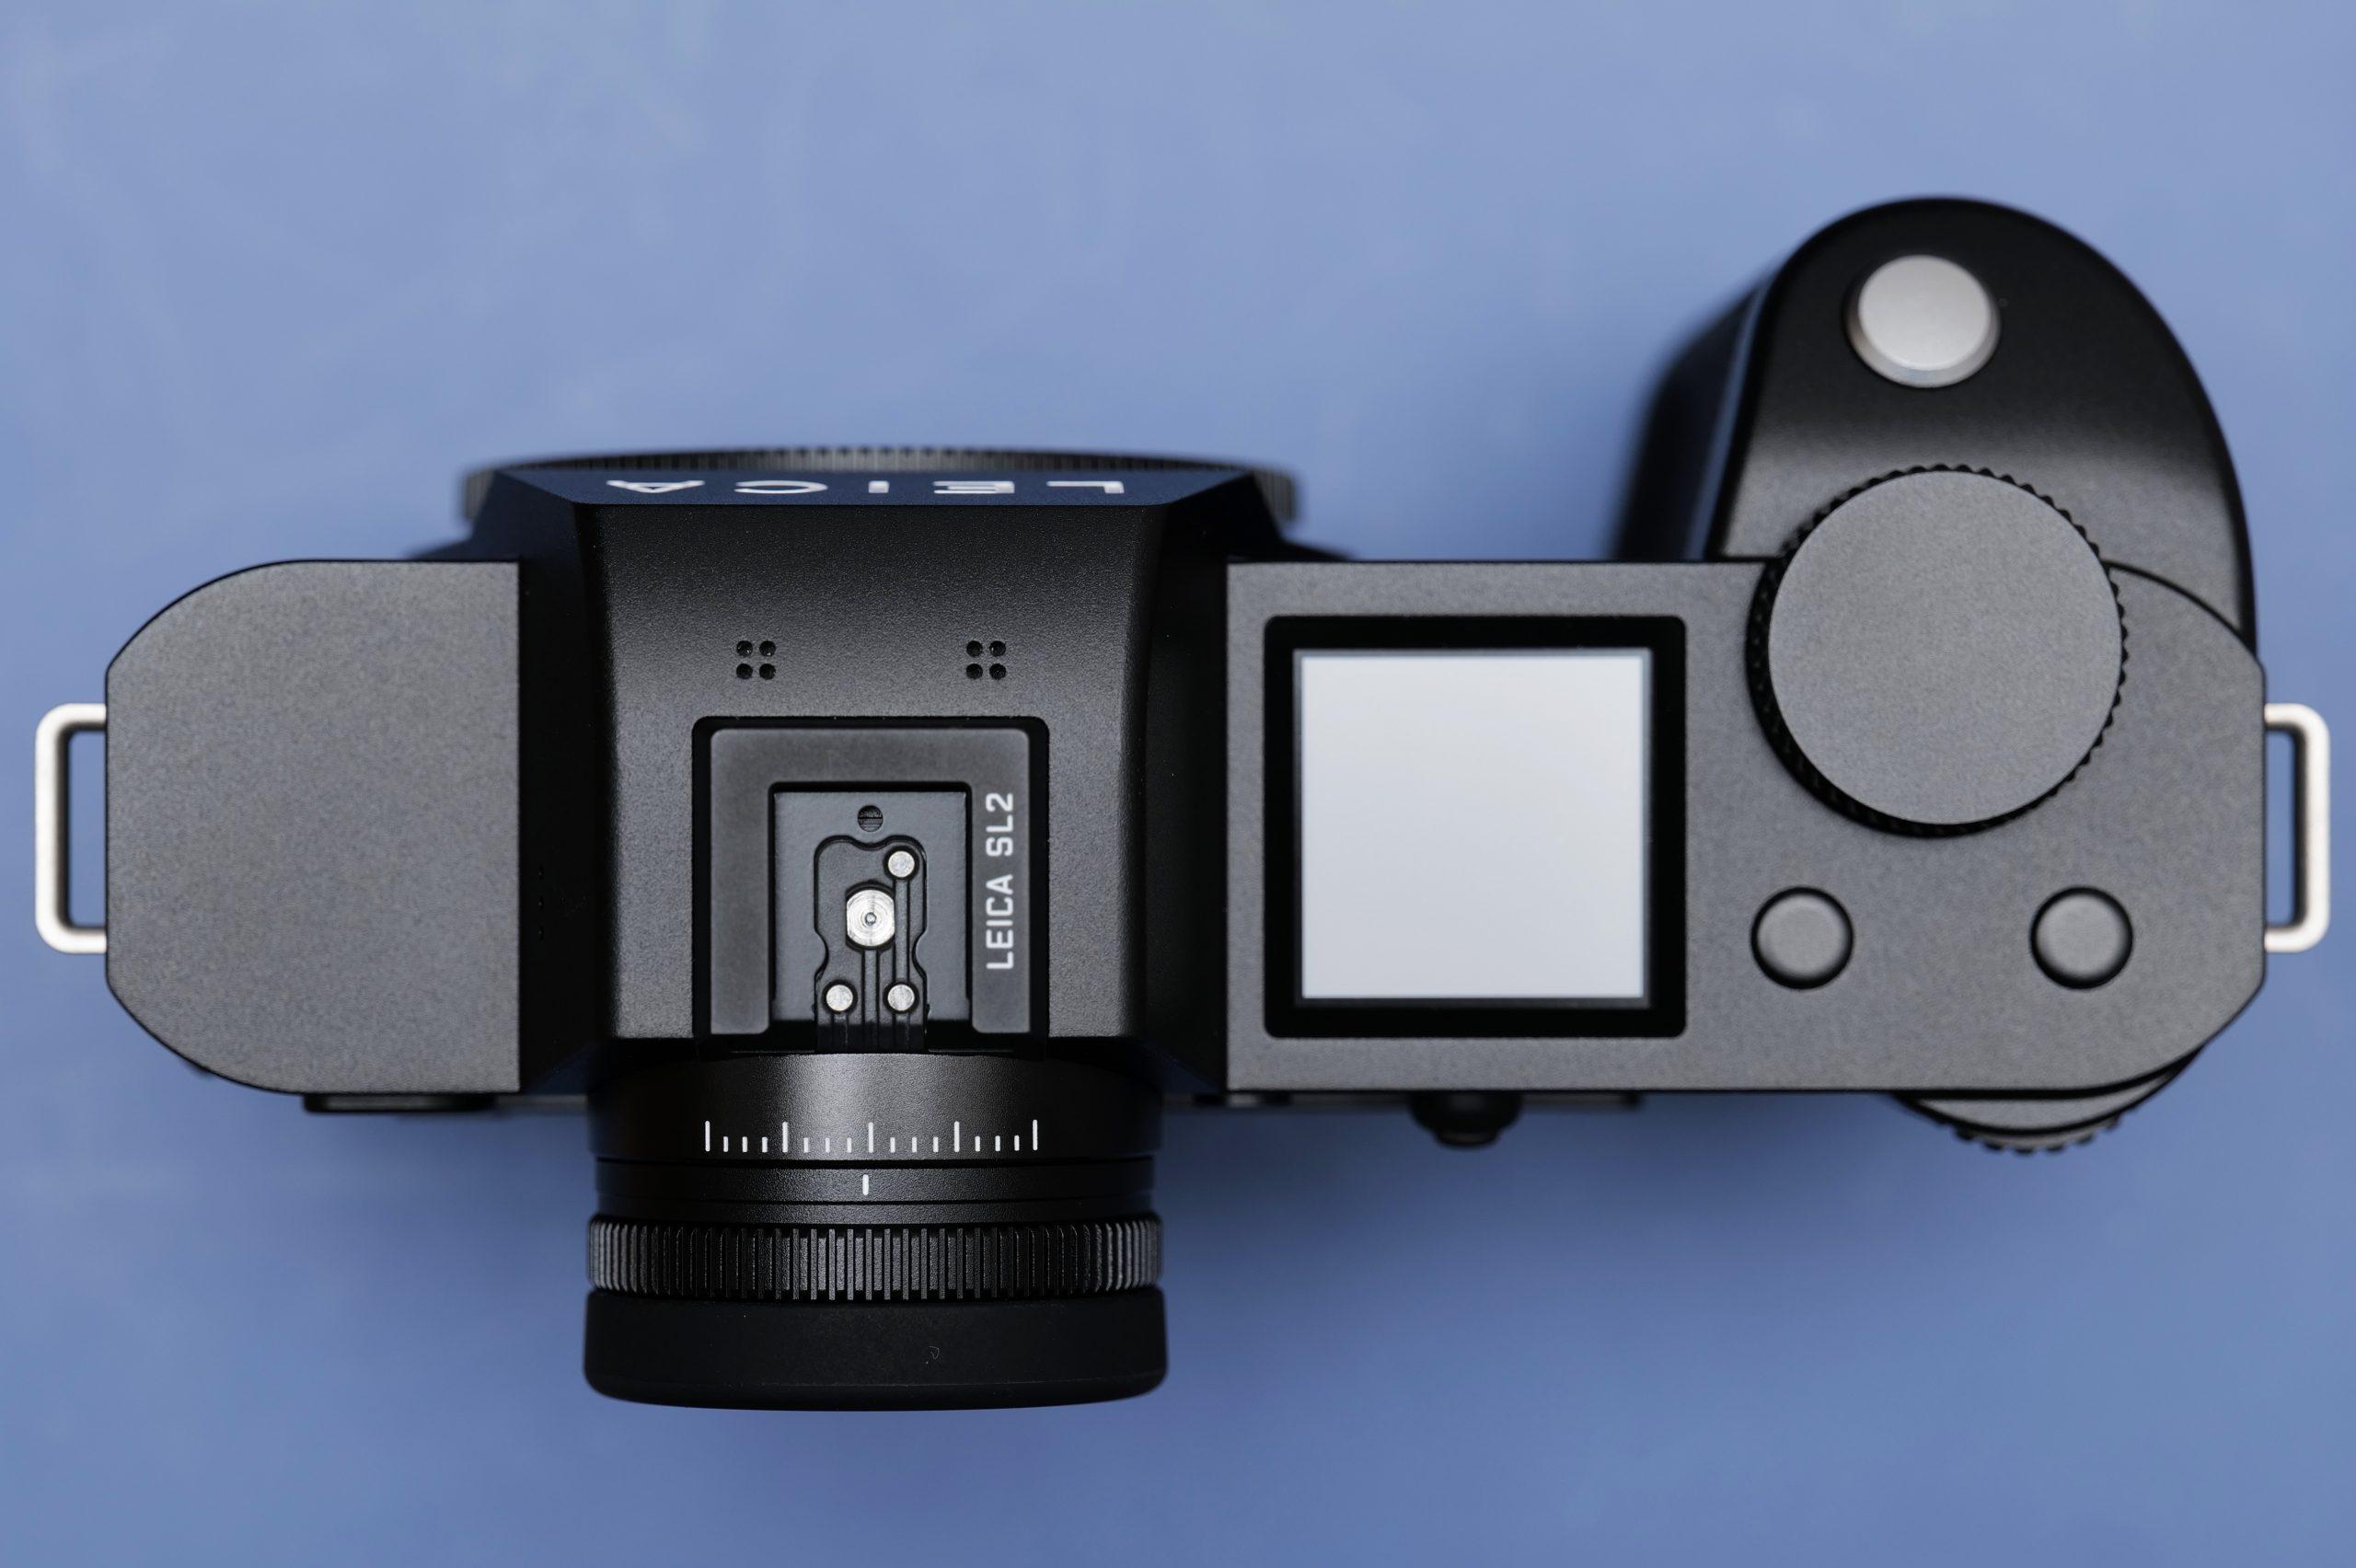 【Leica】SL2にホットシューカバーを付けたい!